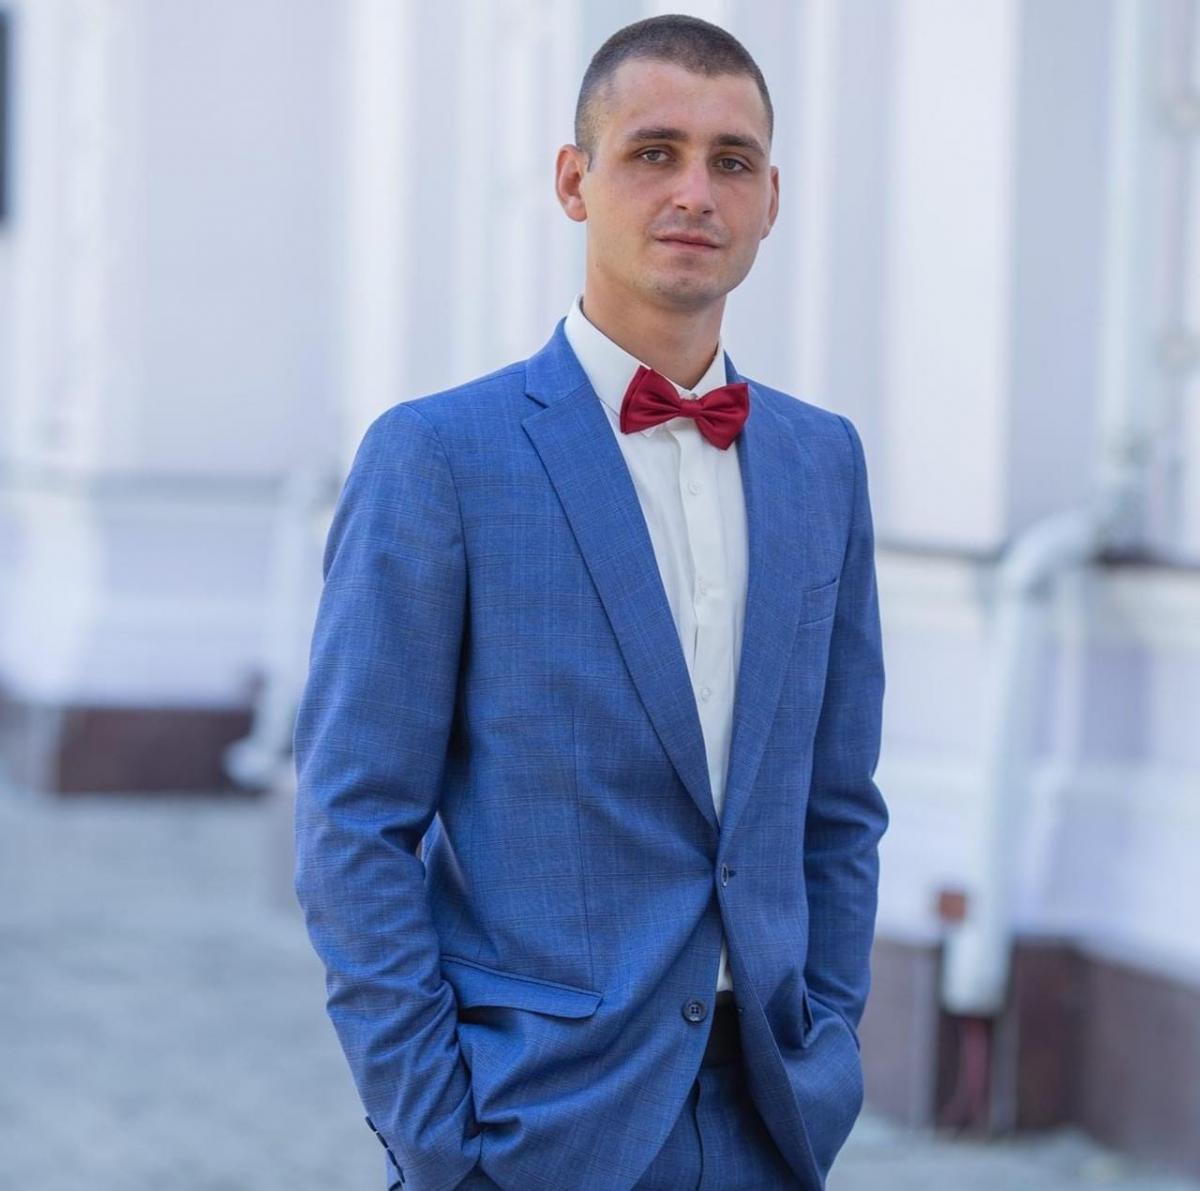 Евгений Курасов, погибший в результате вражеского обстрела / фото - facebook.com/58OMPBr